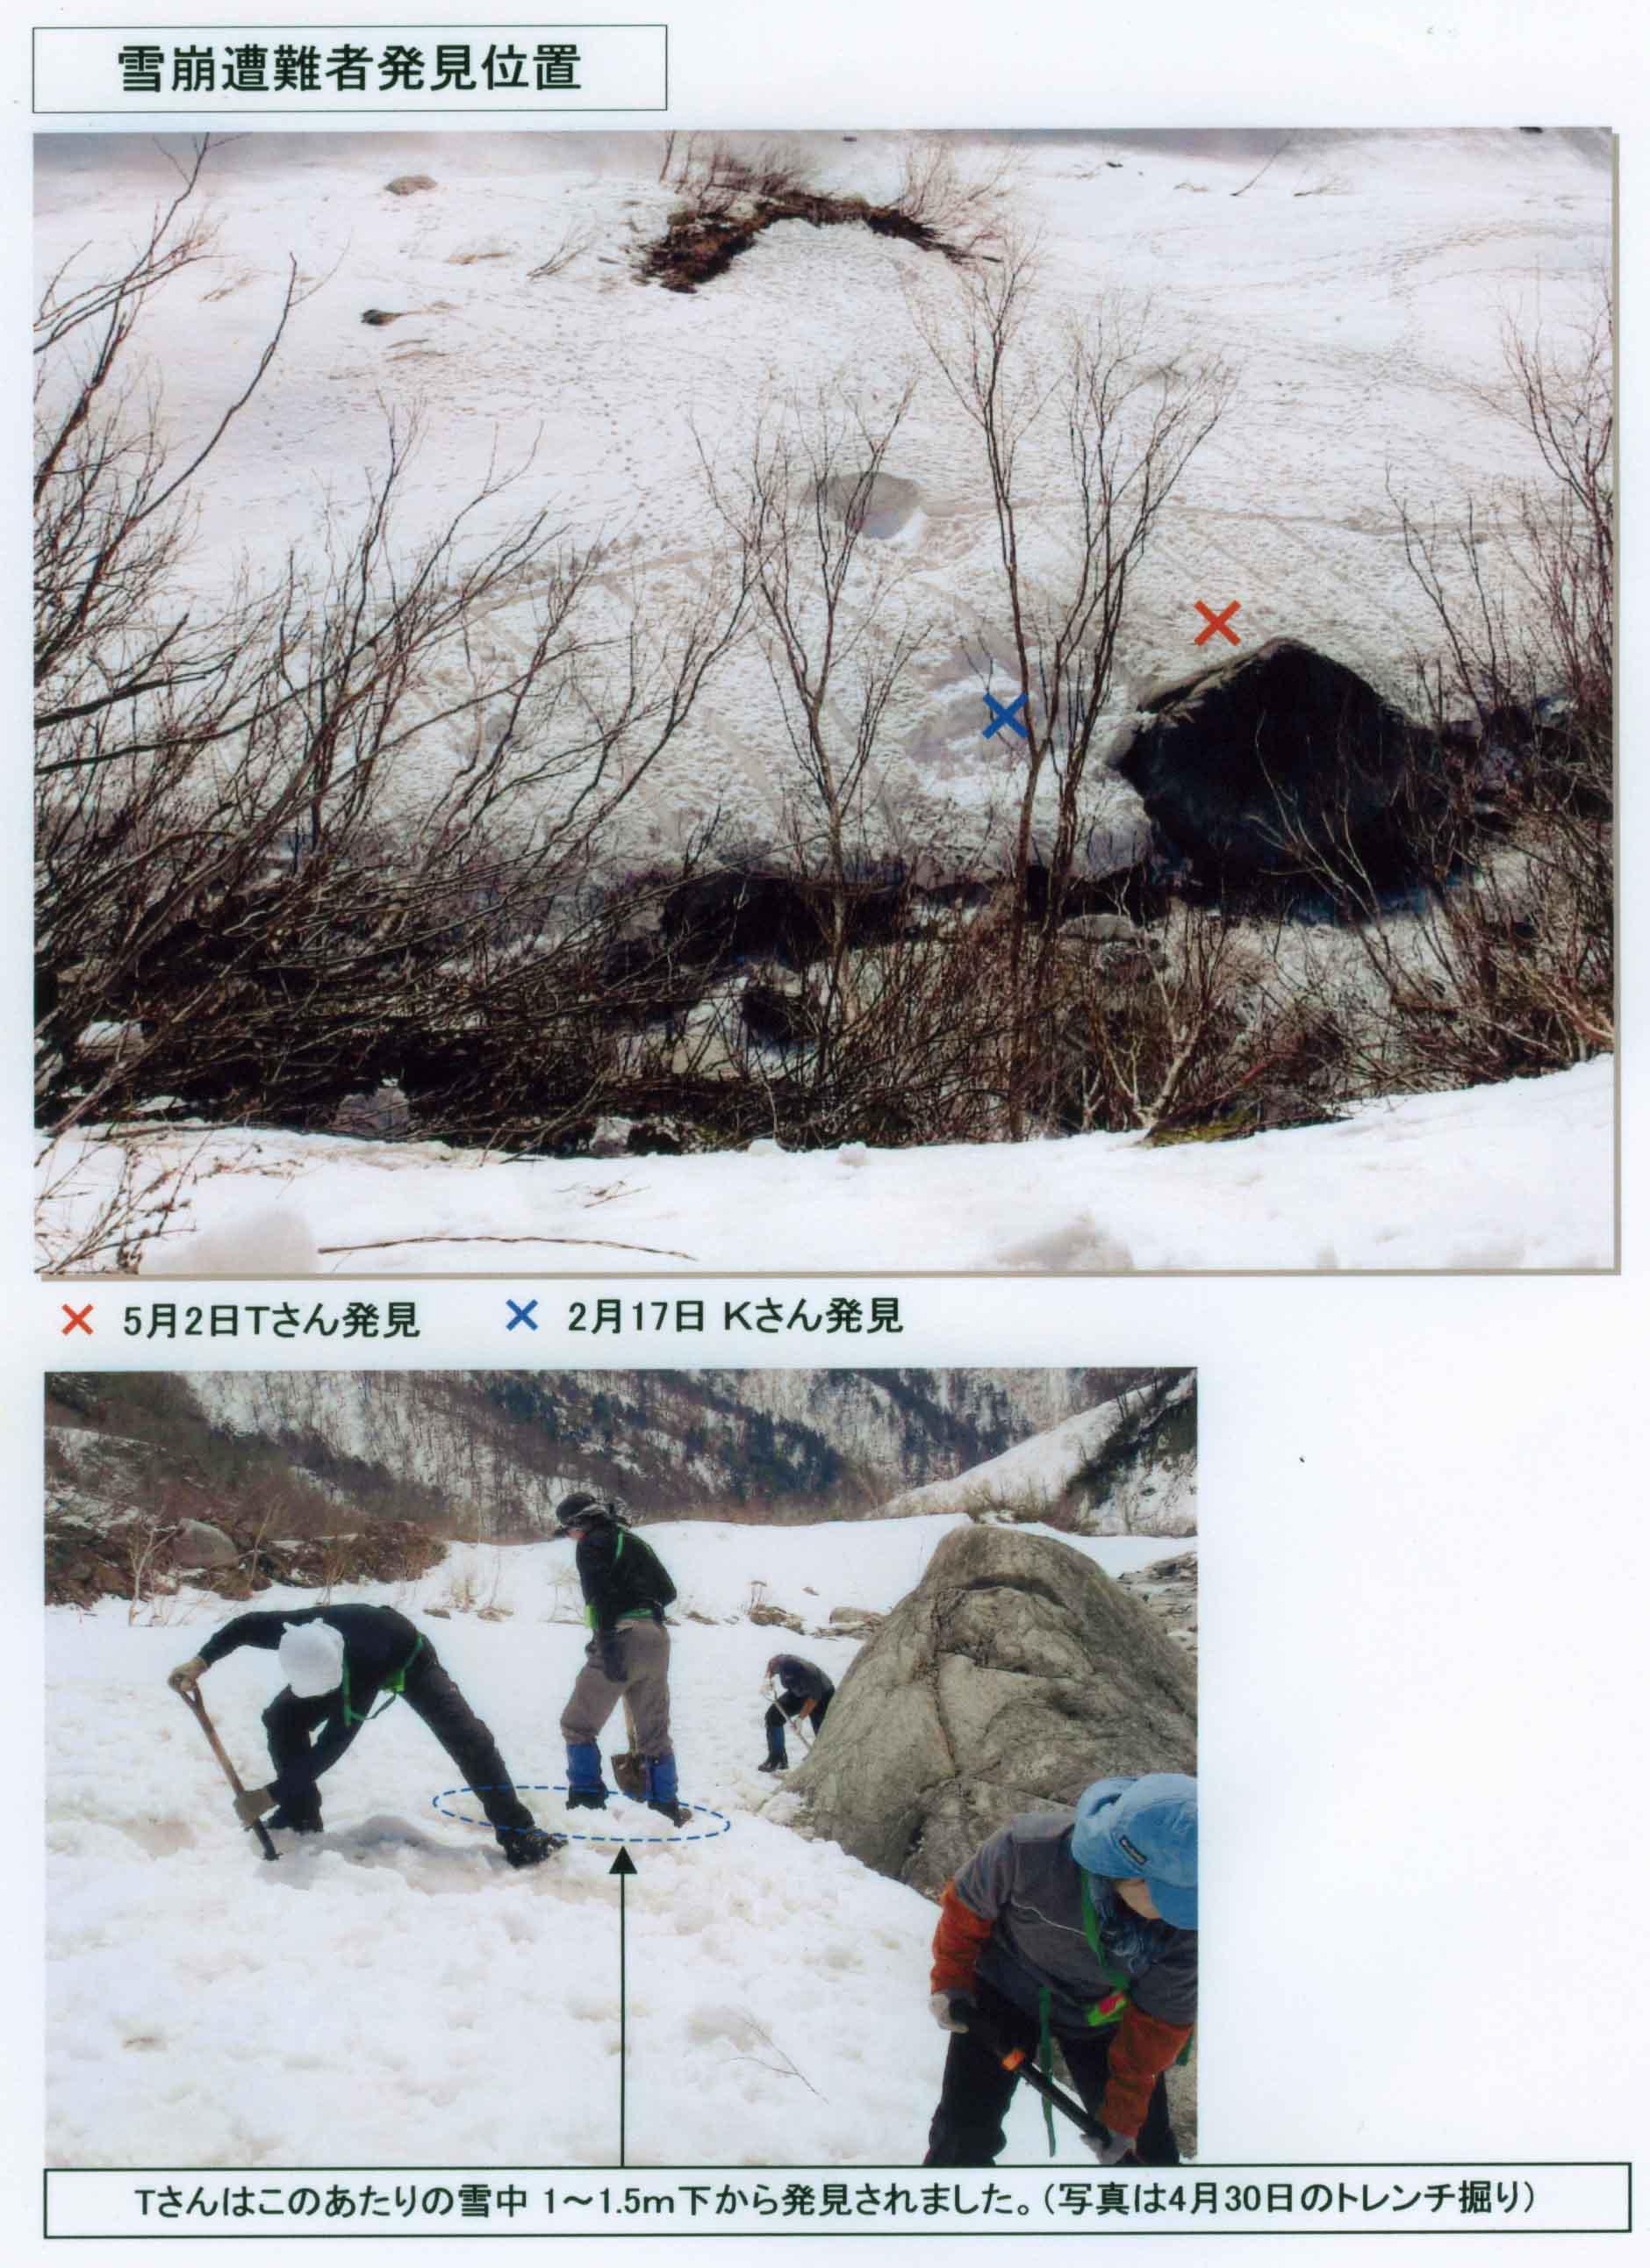 雪崩遭難者発見位置